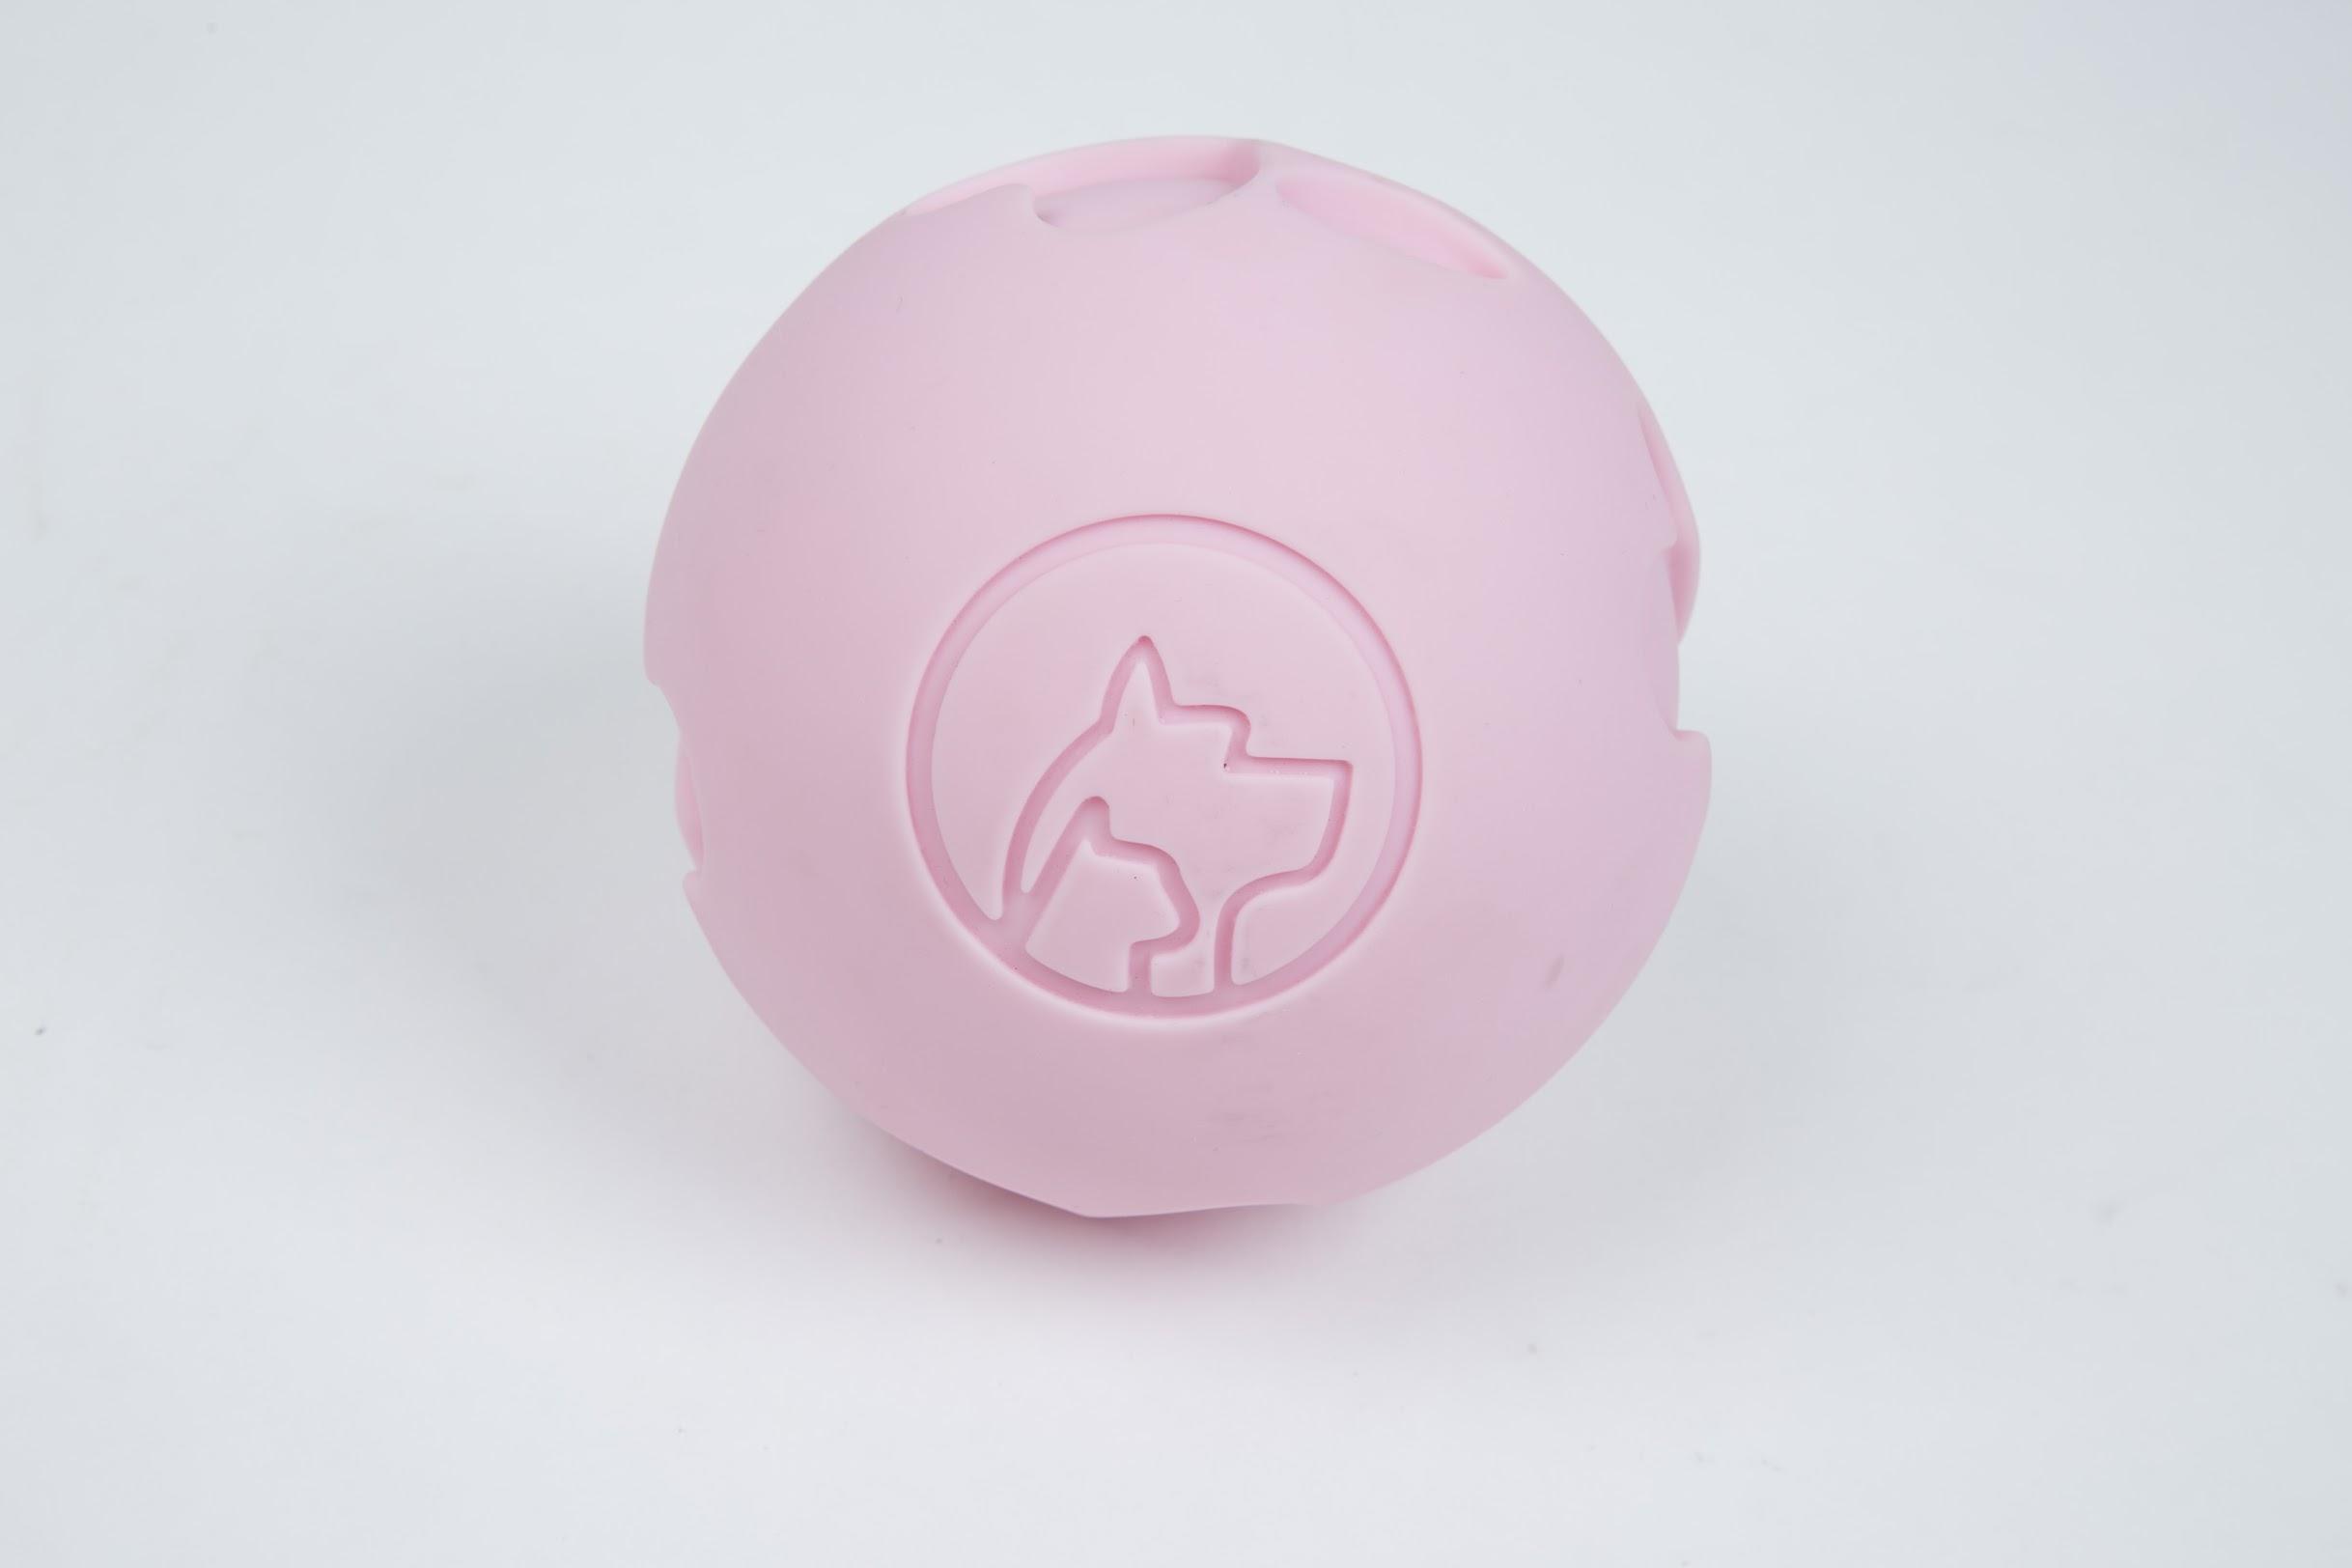 Petique 寵物零食球 | 寵物玩具、漏食球 2